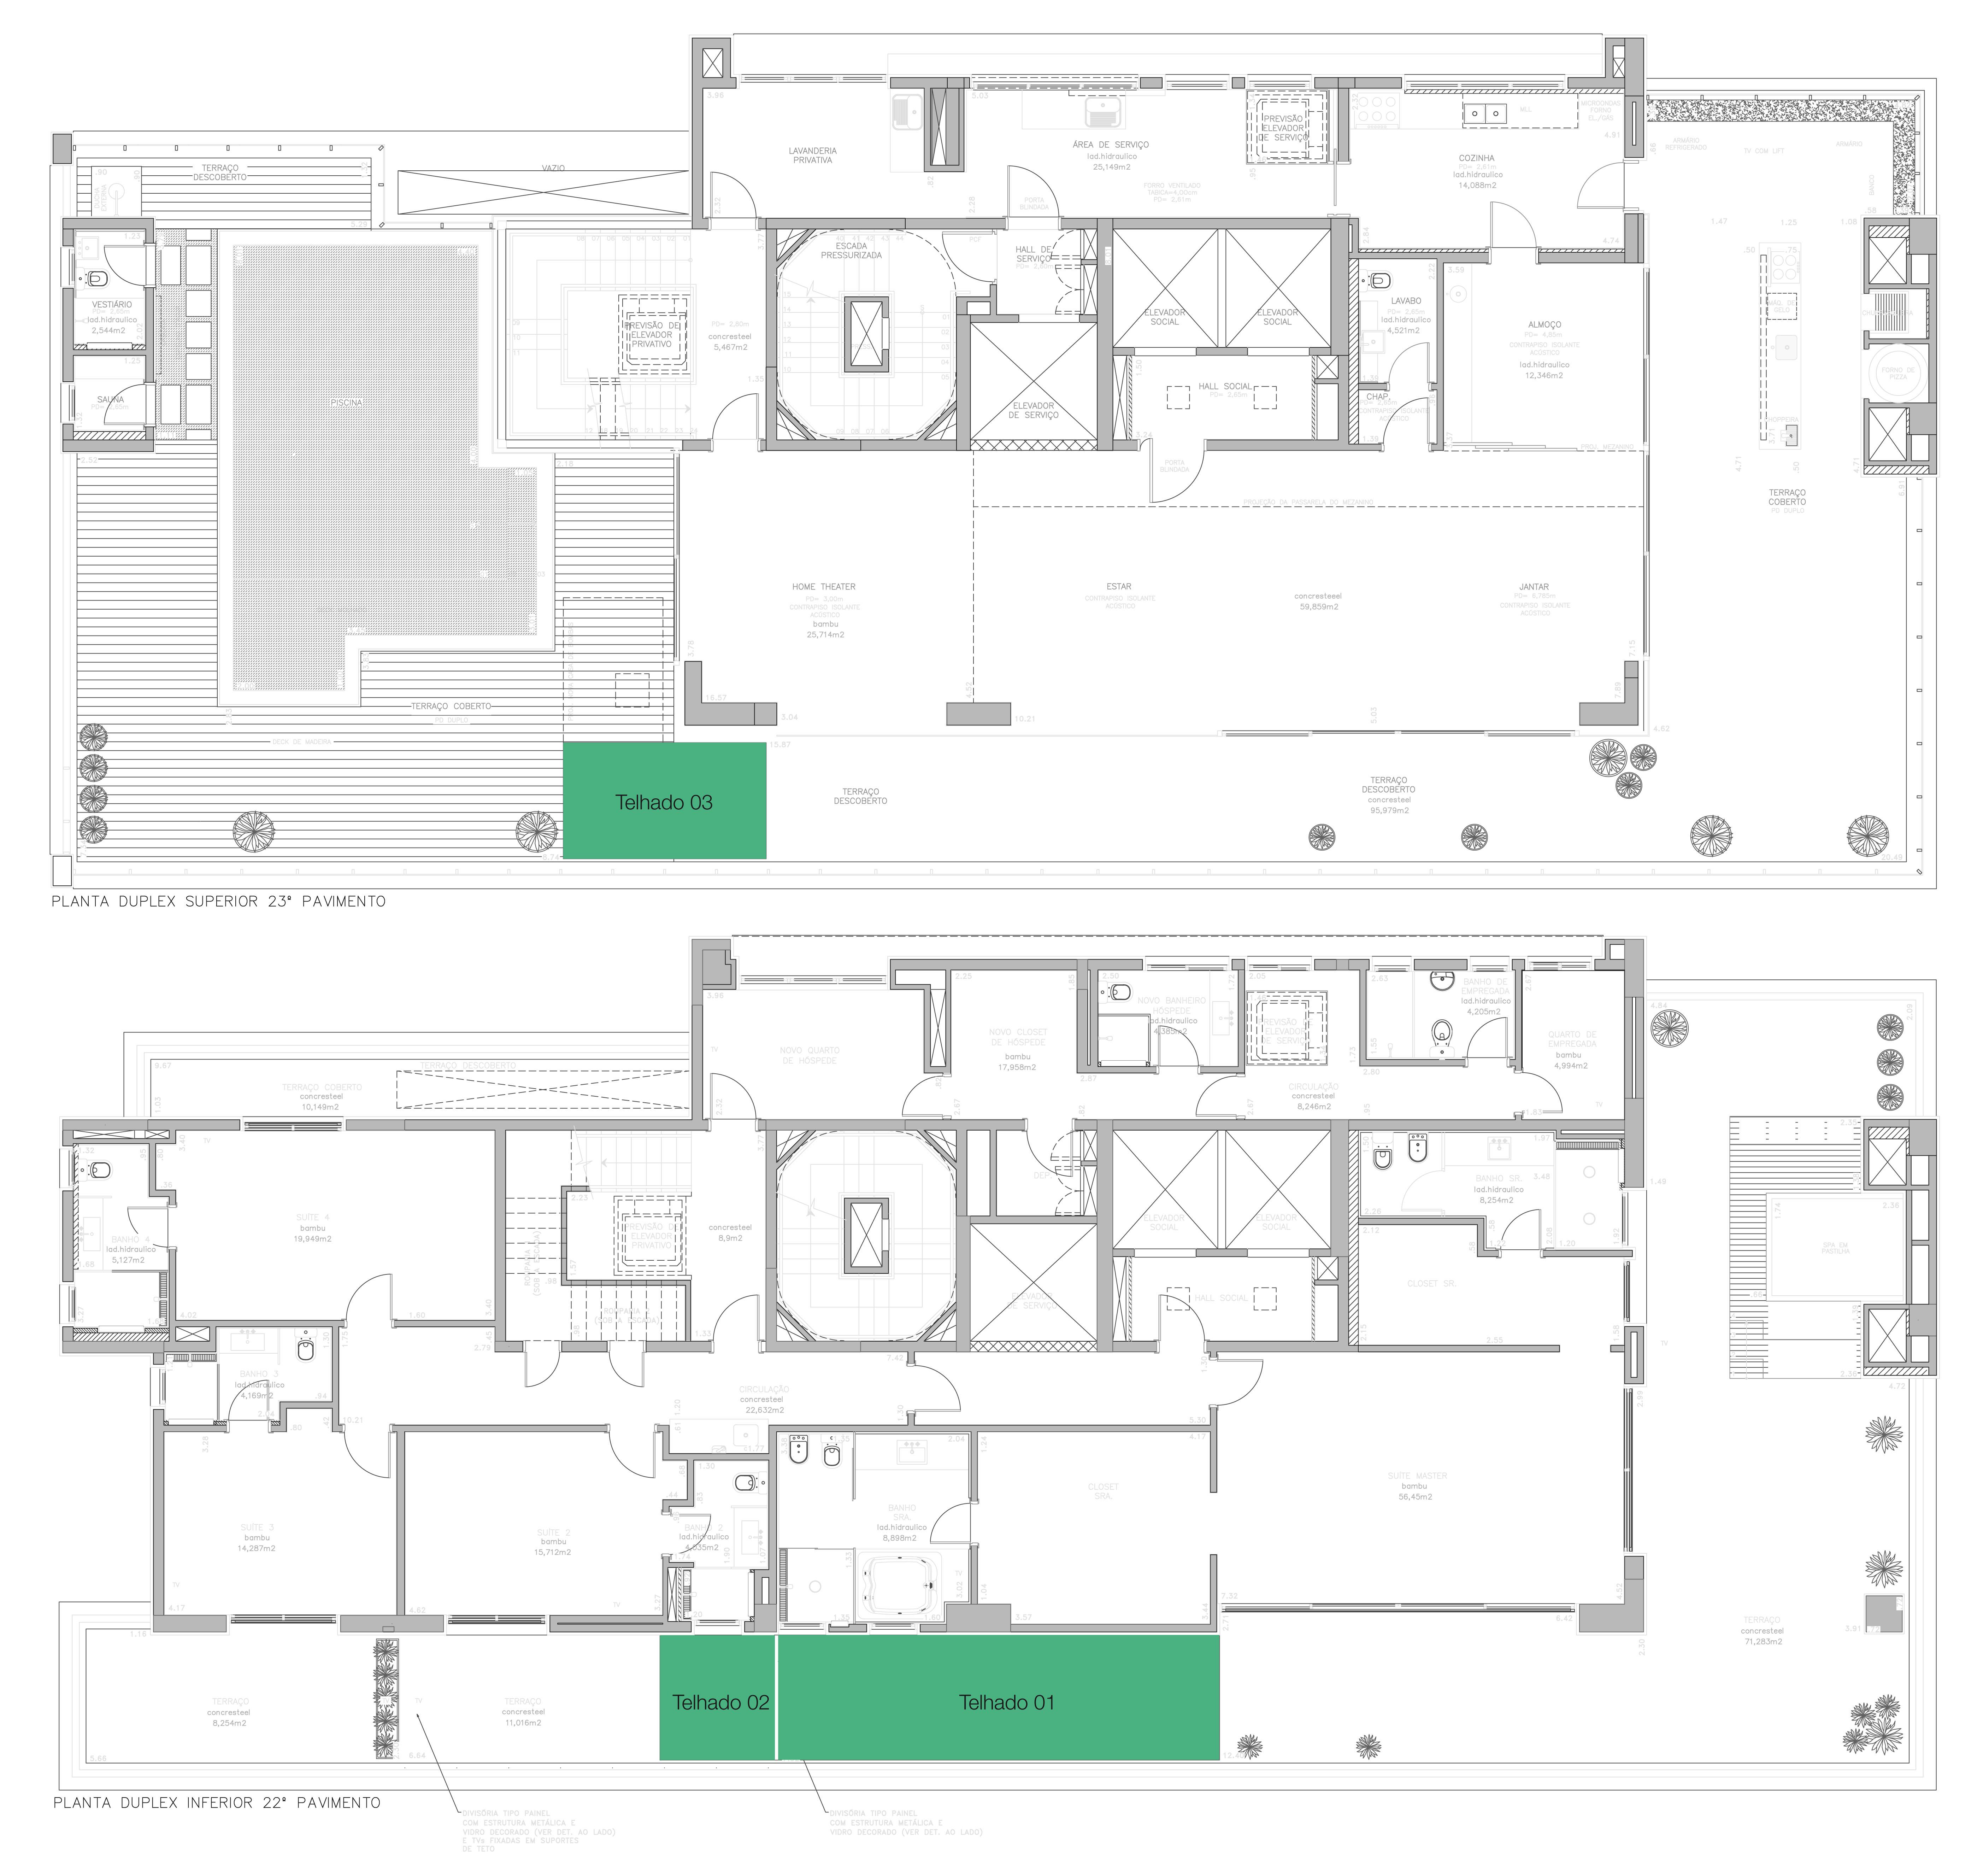 arquitetura-sustentavel-telhado-verde